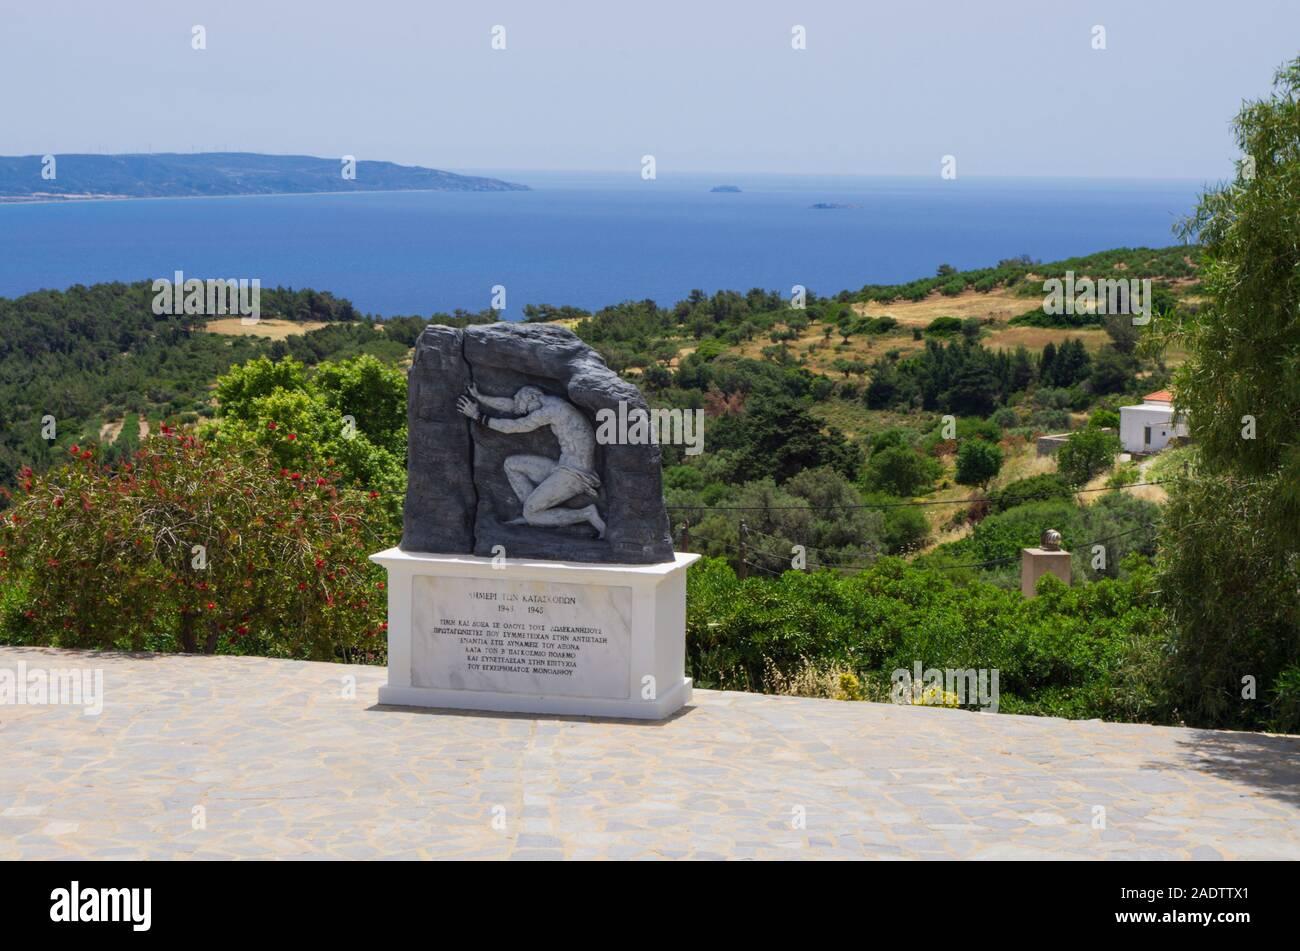 Monolithos village, Rodi, Grecia - 28 Maggio 2019: War Memorial dedicato alla resistenza greca sull'isola di Rodi e il Dodecanneso archipela Foto Stock